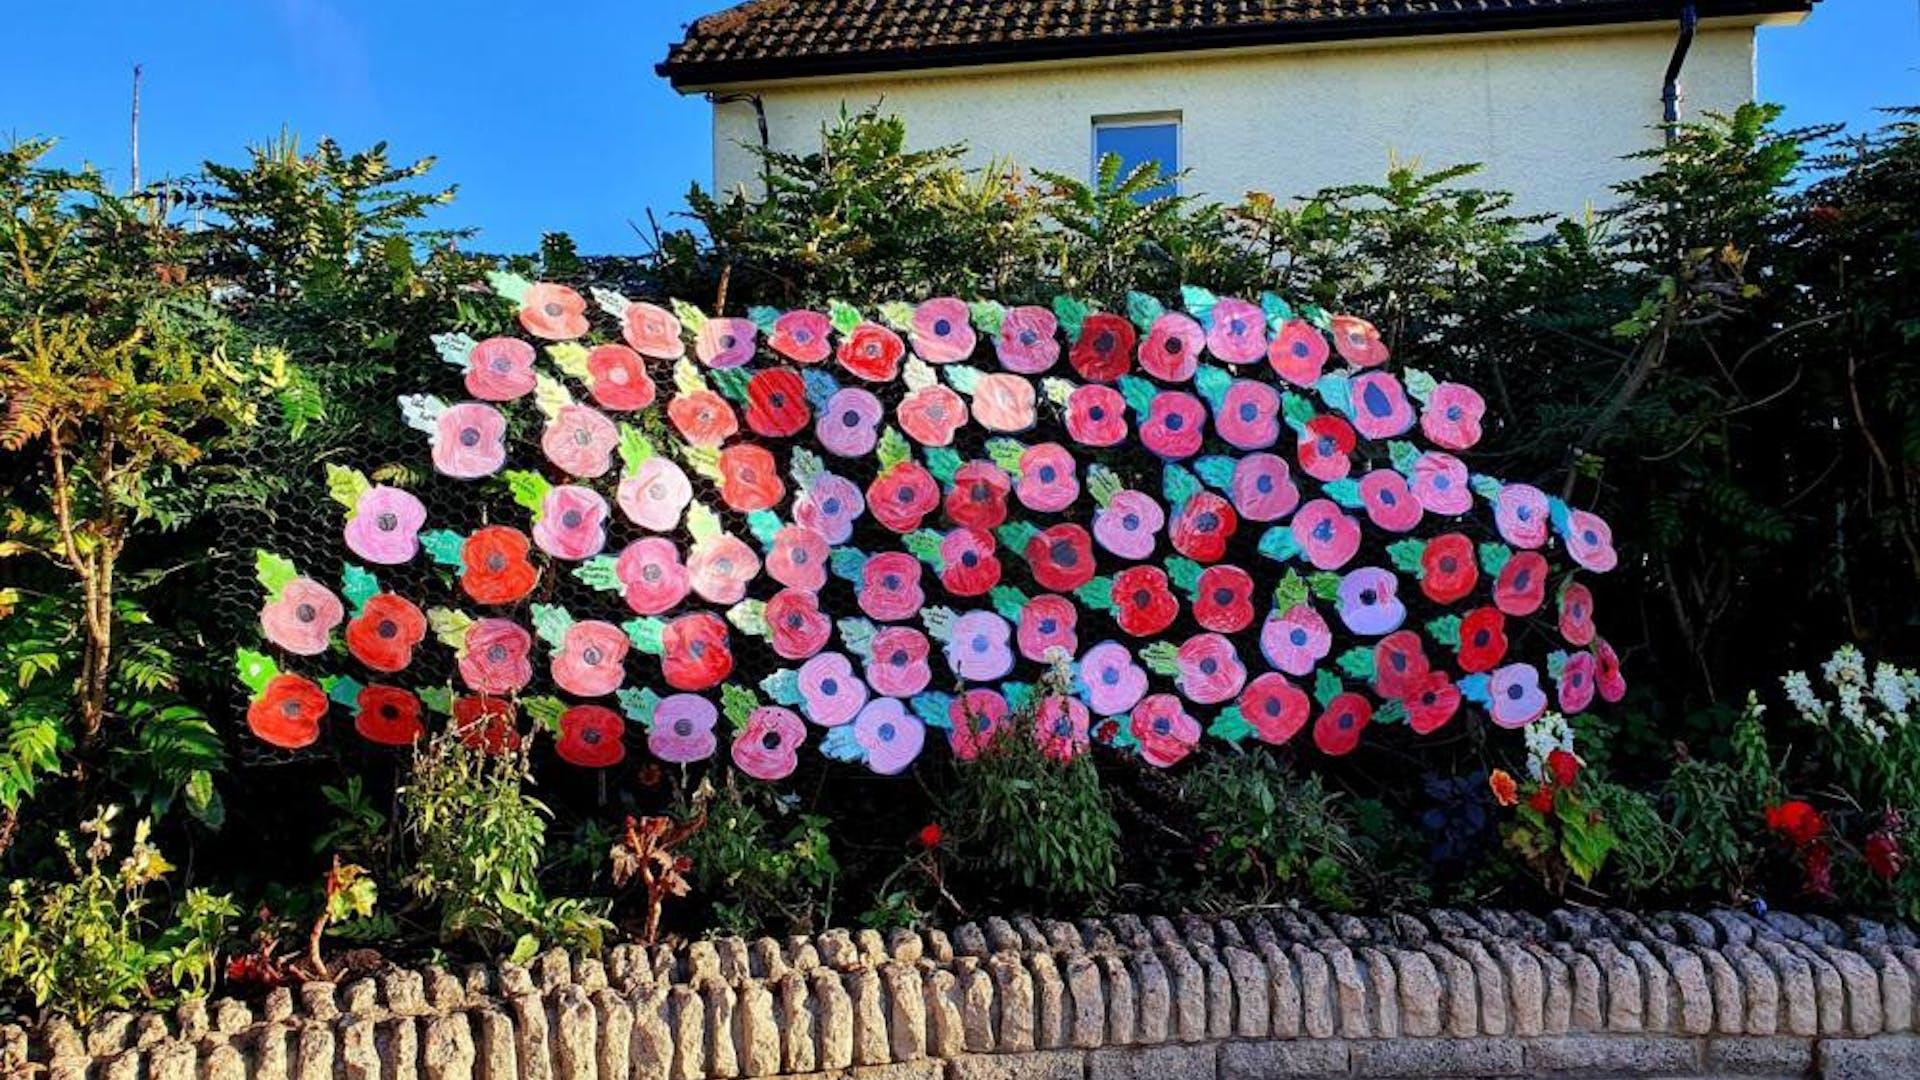 Ballygowan Poppy Display Nov 2020